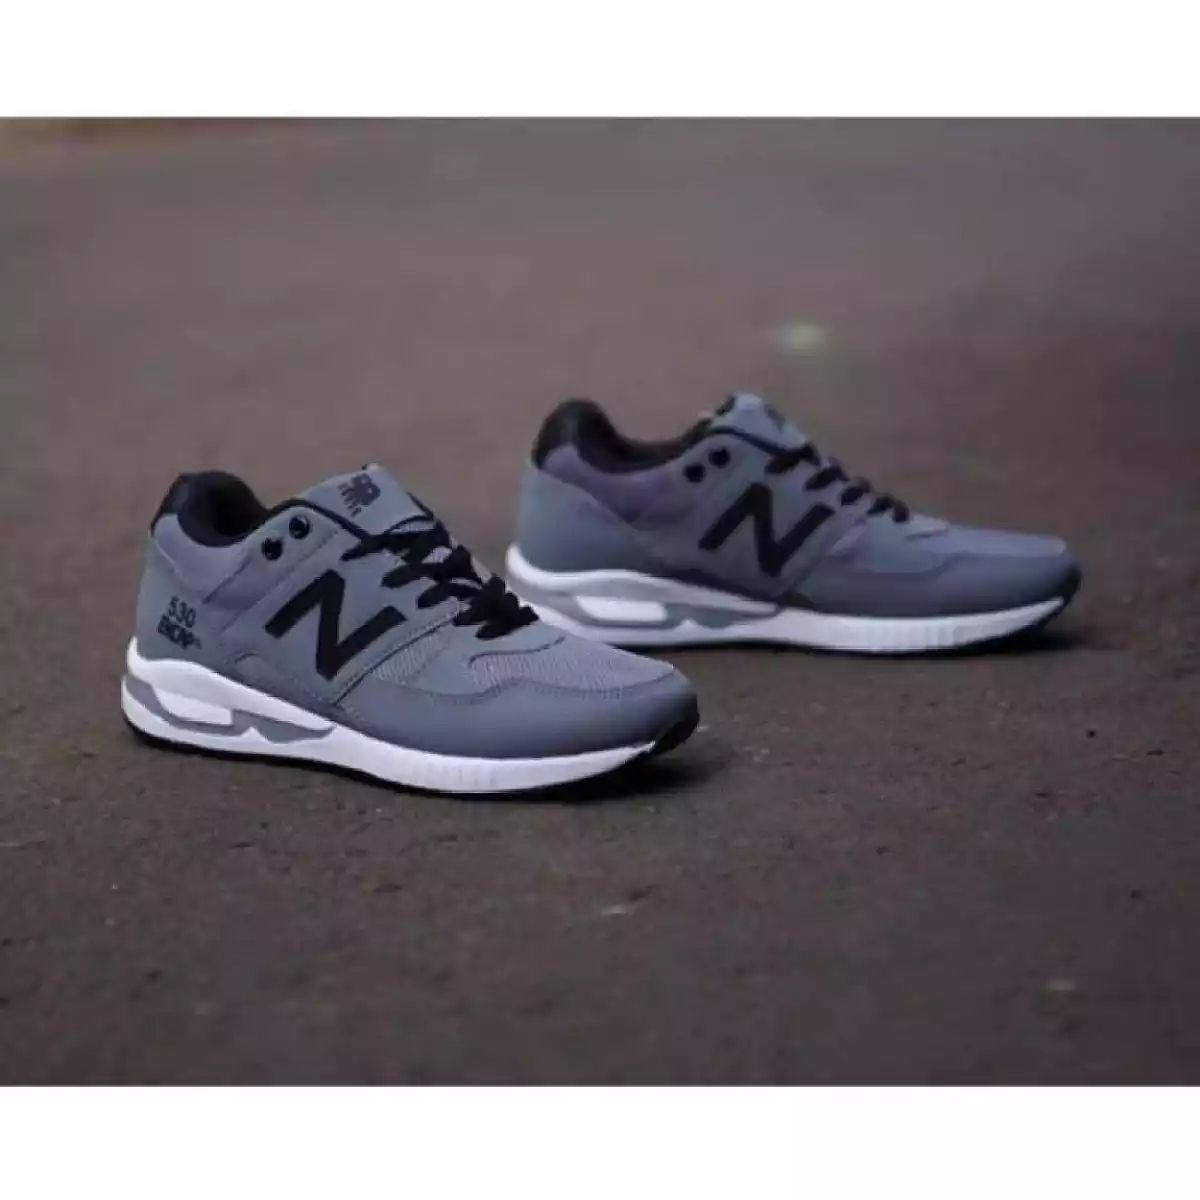 Promo Cuci gudang NB503 sepatu Sport Pria (BISA BAYAR DI TEMPAT)